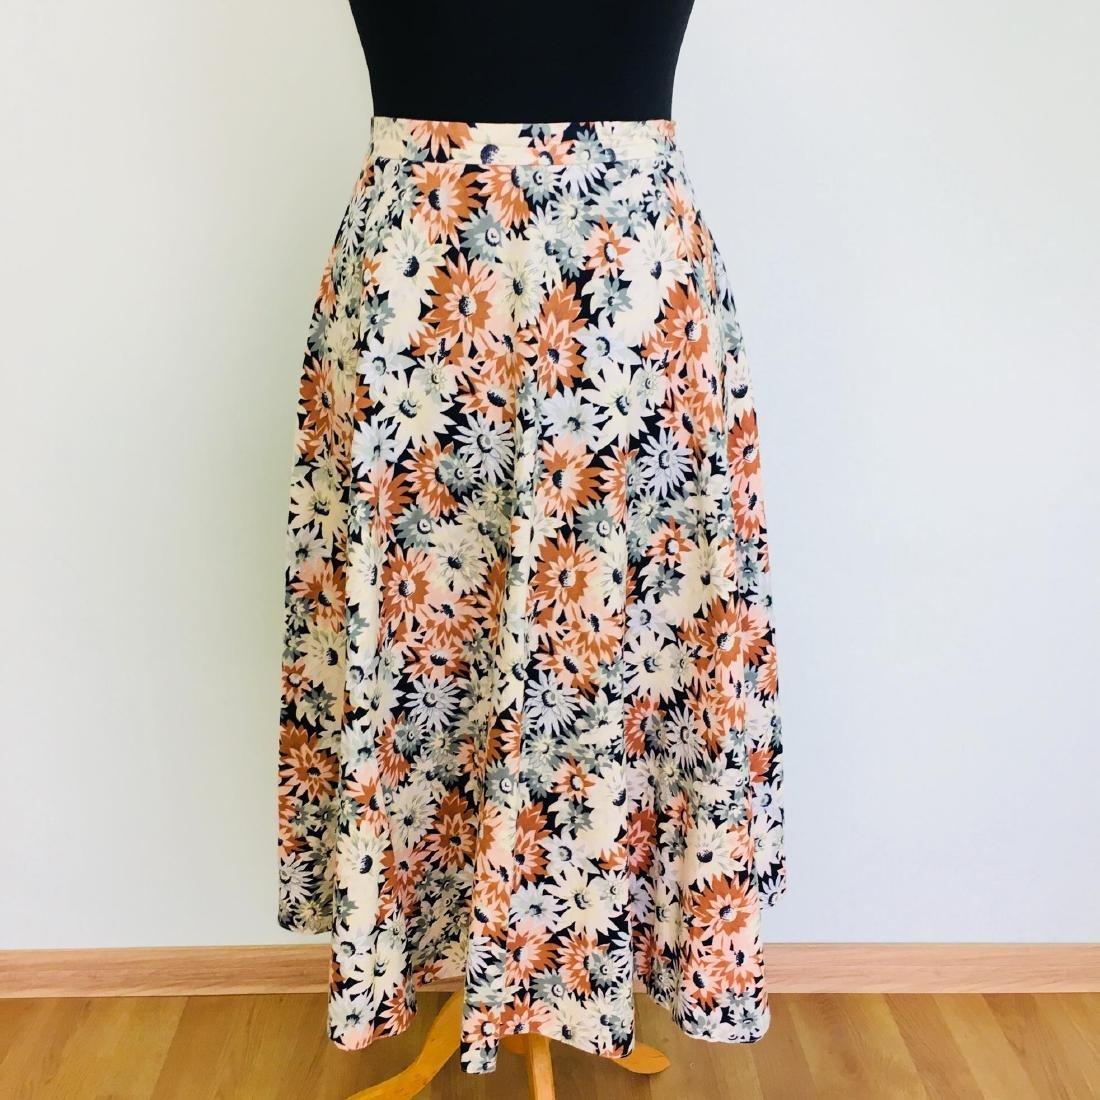 Vintage Women's Summer Skirt